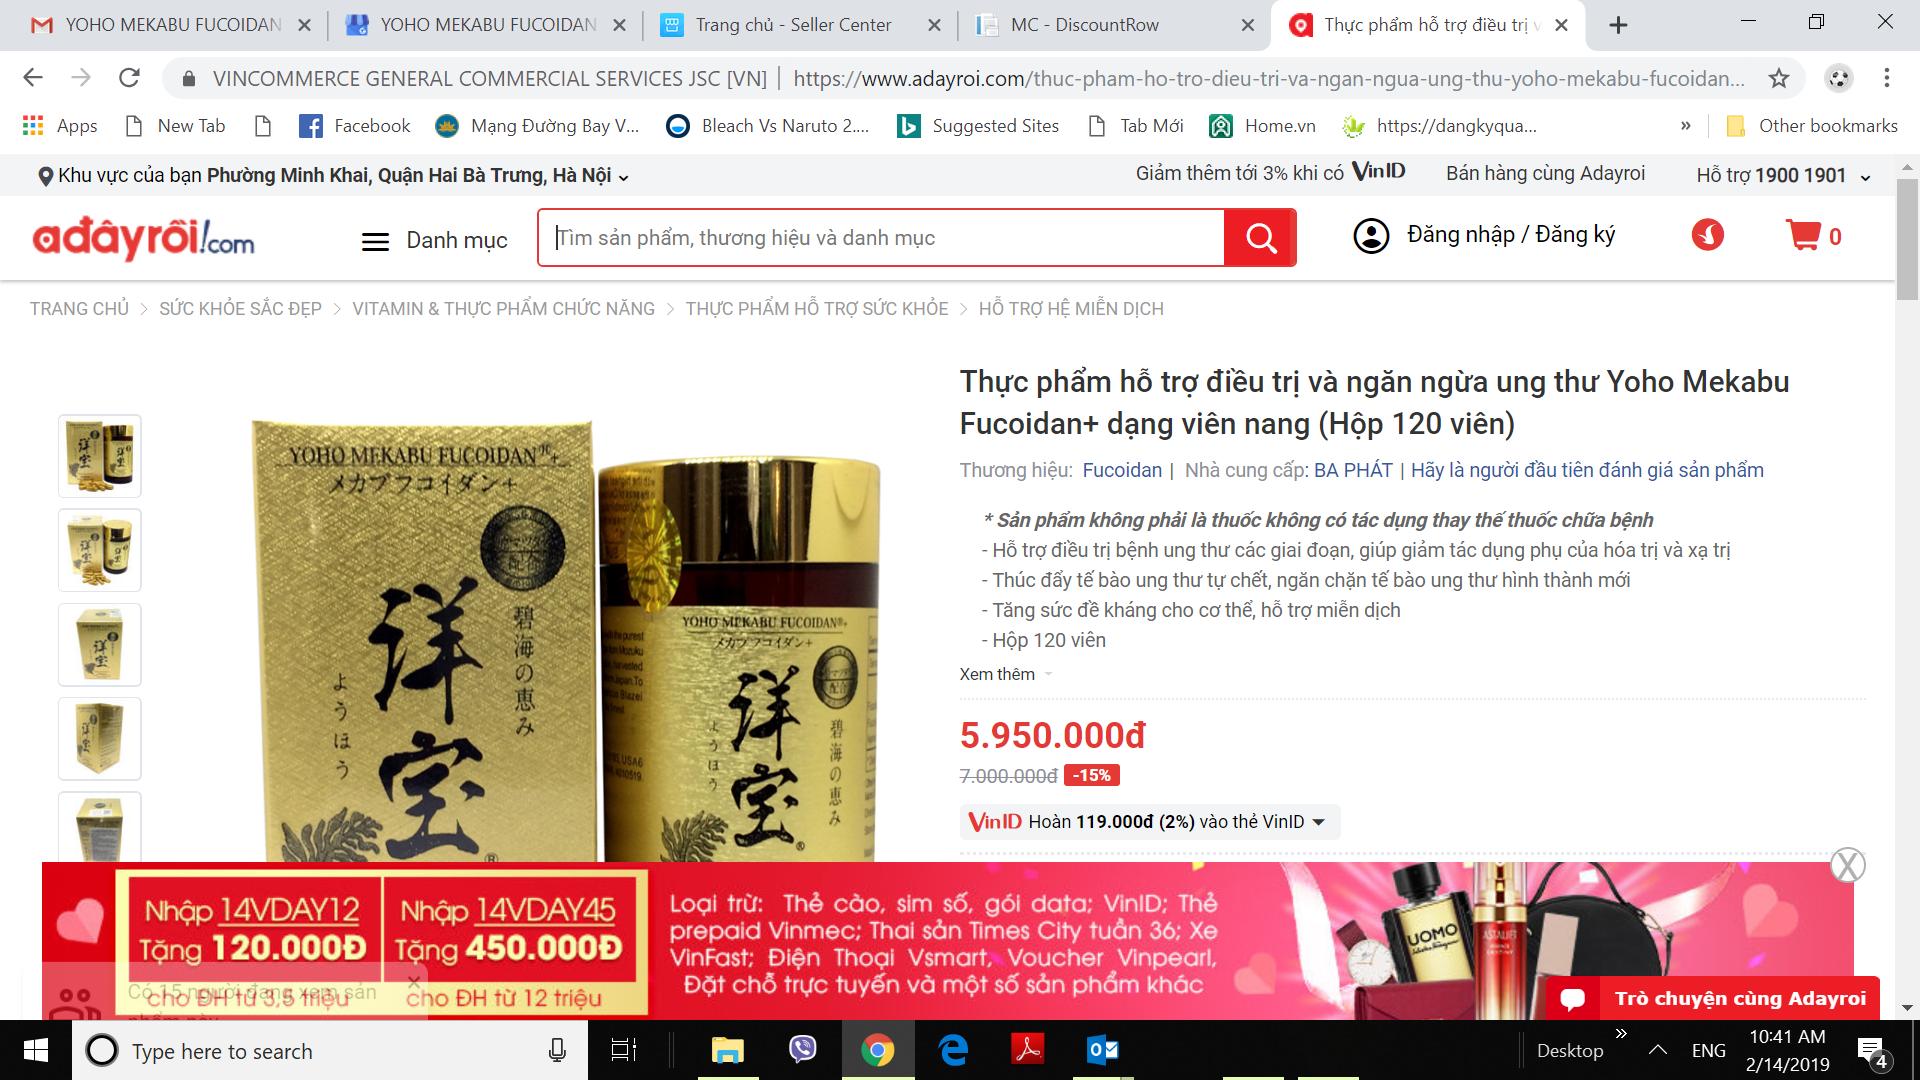 Mua thuốc Yoho trên web adayroi.com giảm giá 15%